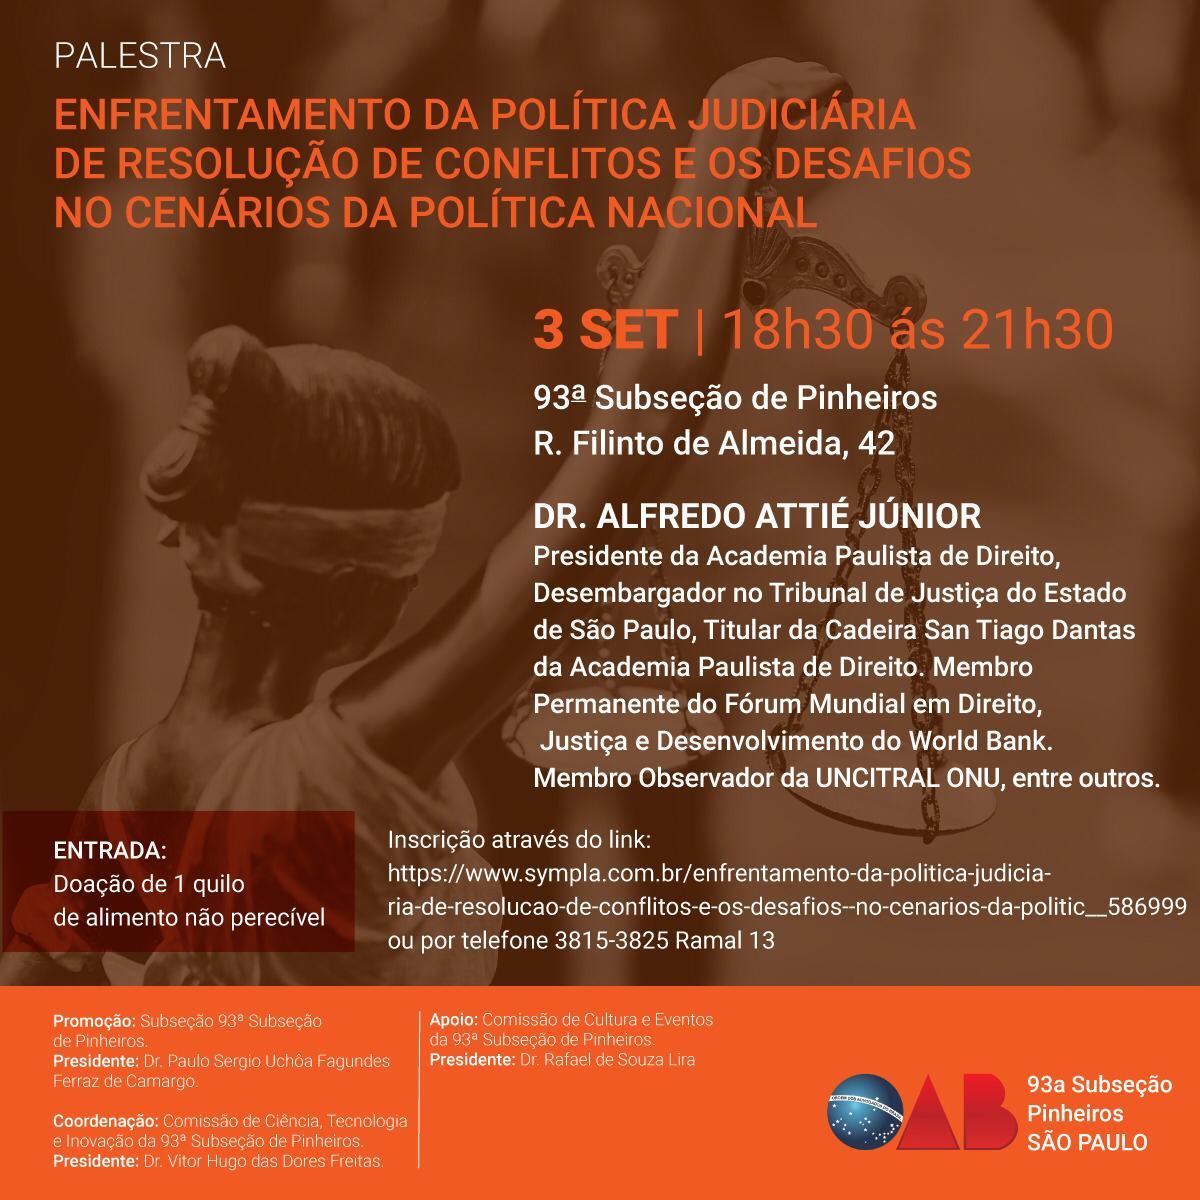 Política Judiciária de Resolução de Conflitos e Cenários da Política Nacional